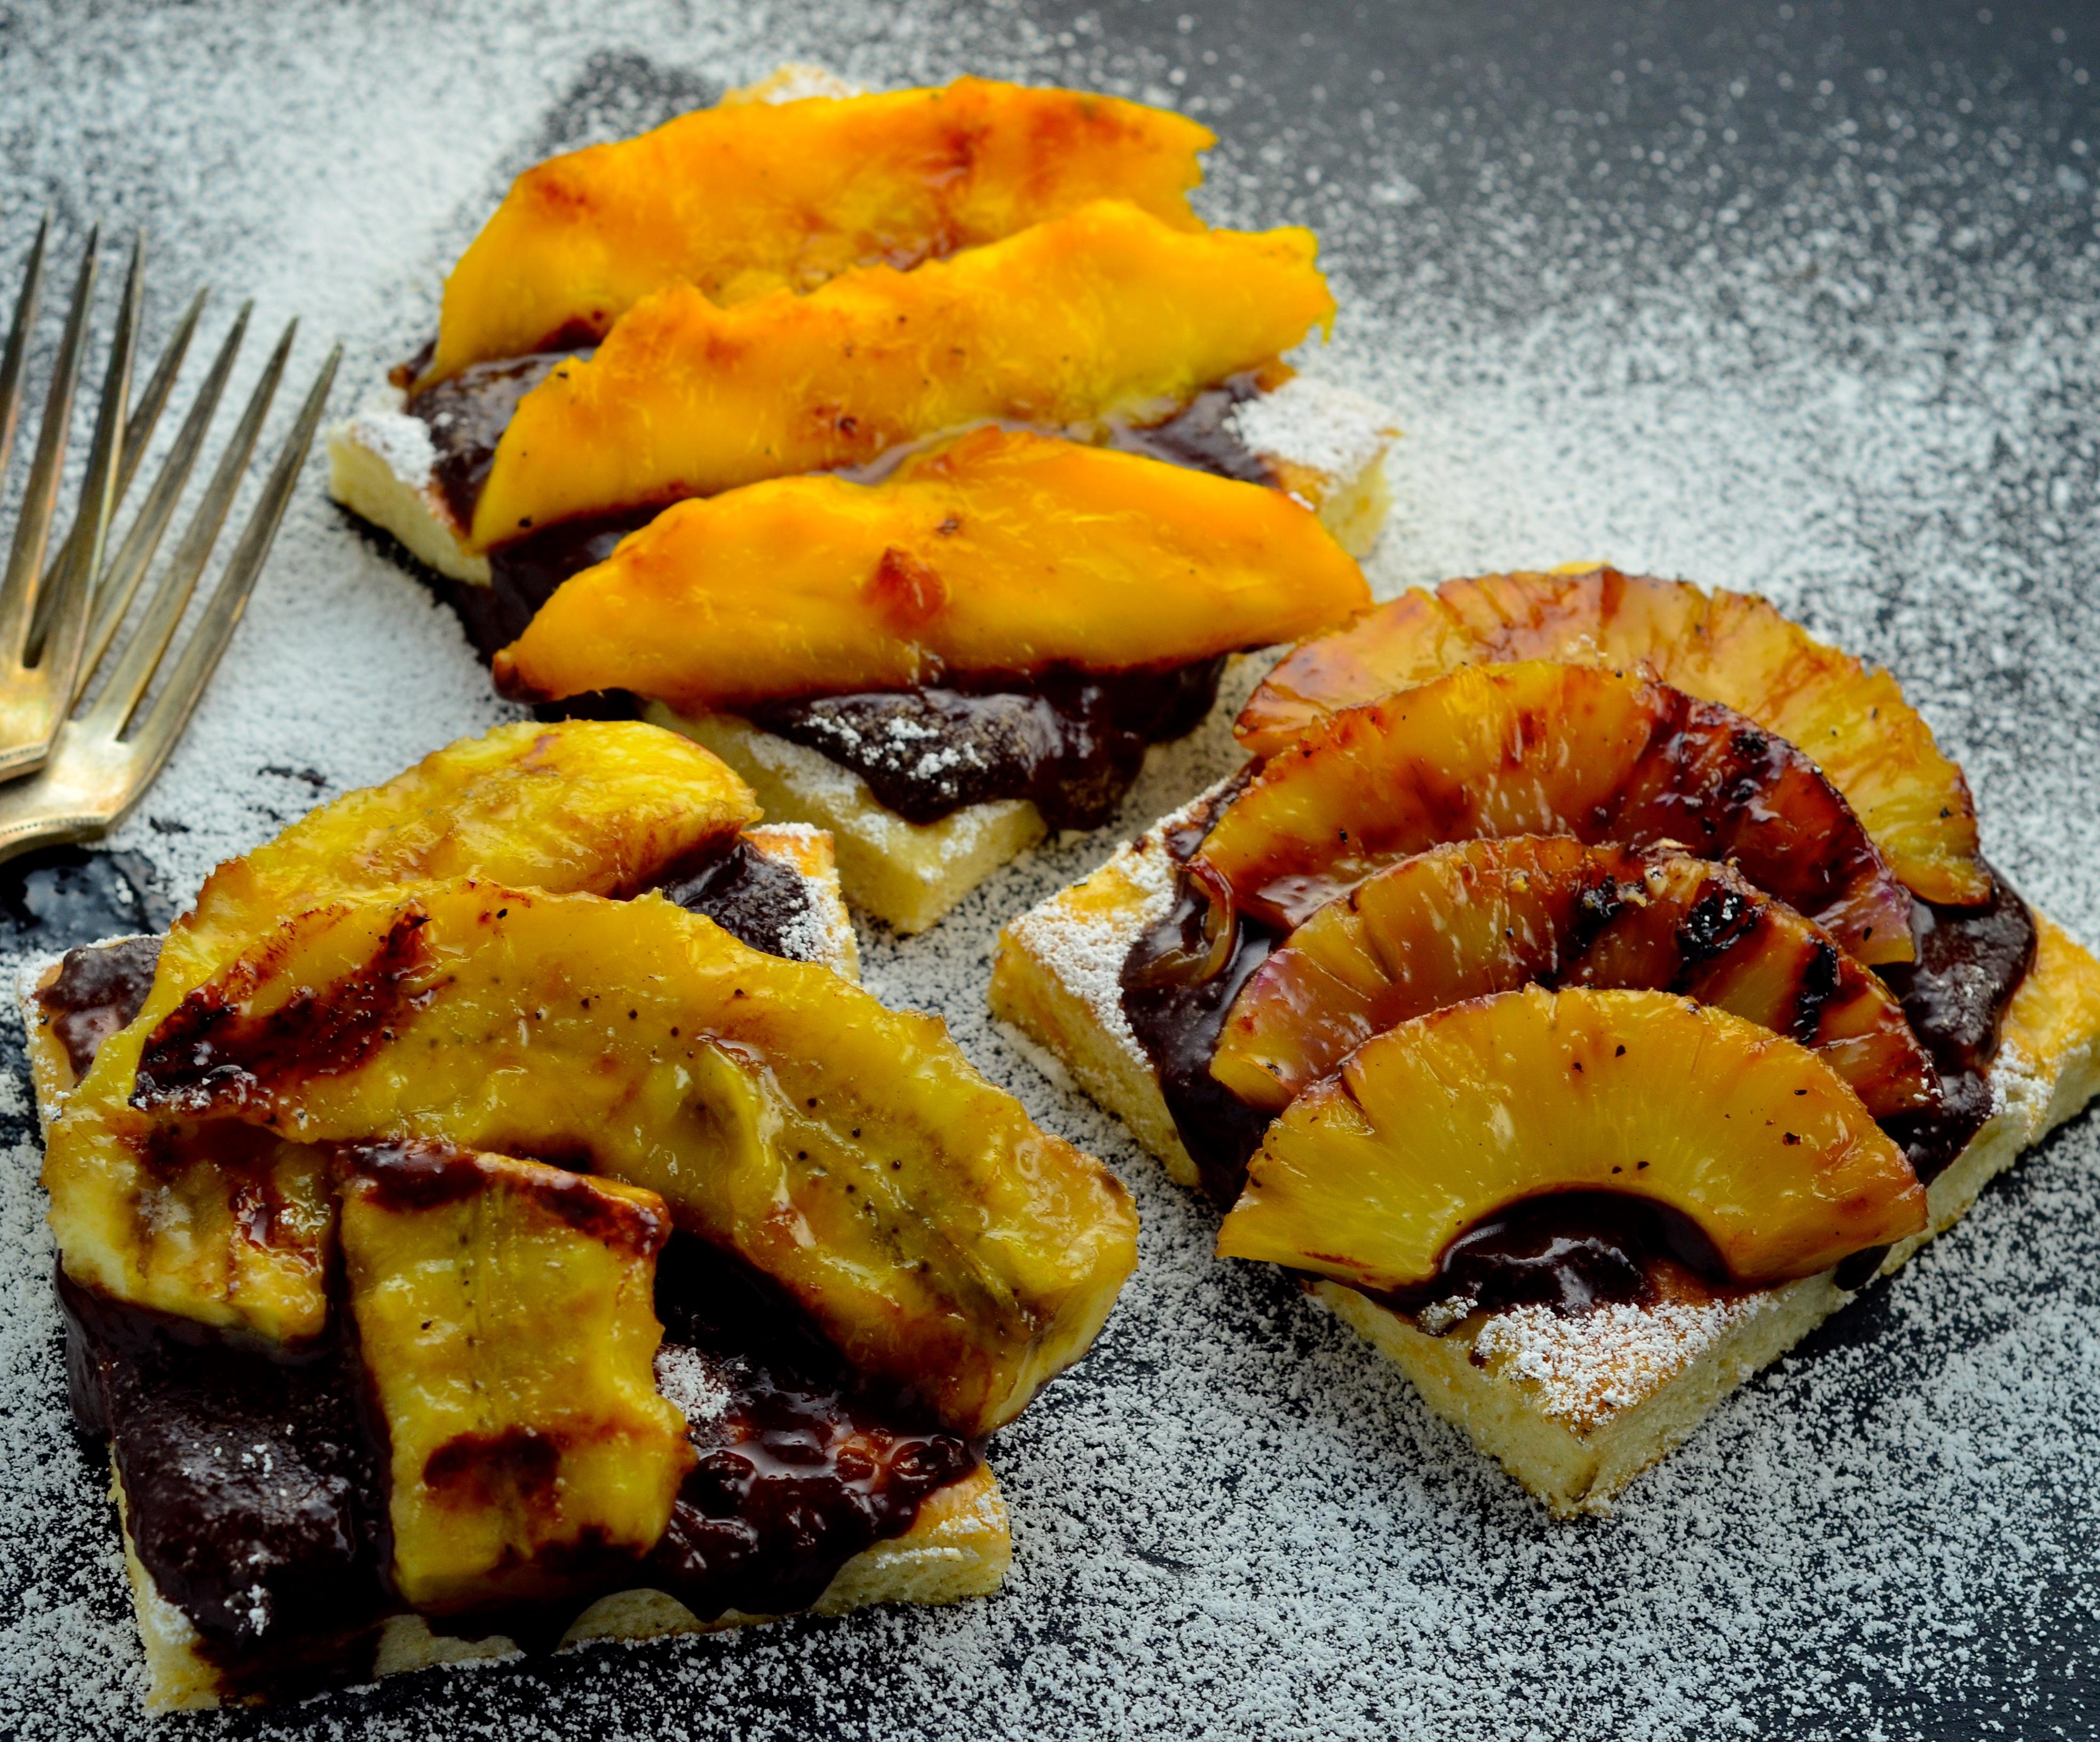 grilled fruit soursop fruit